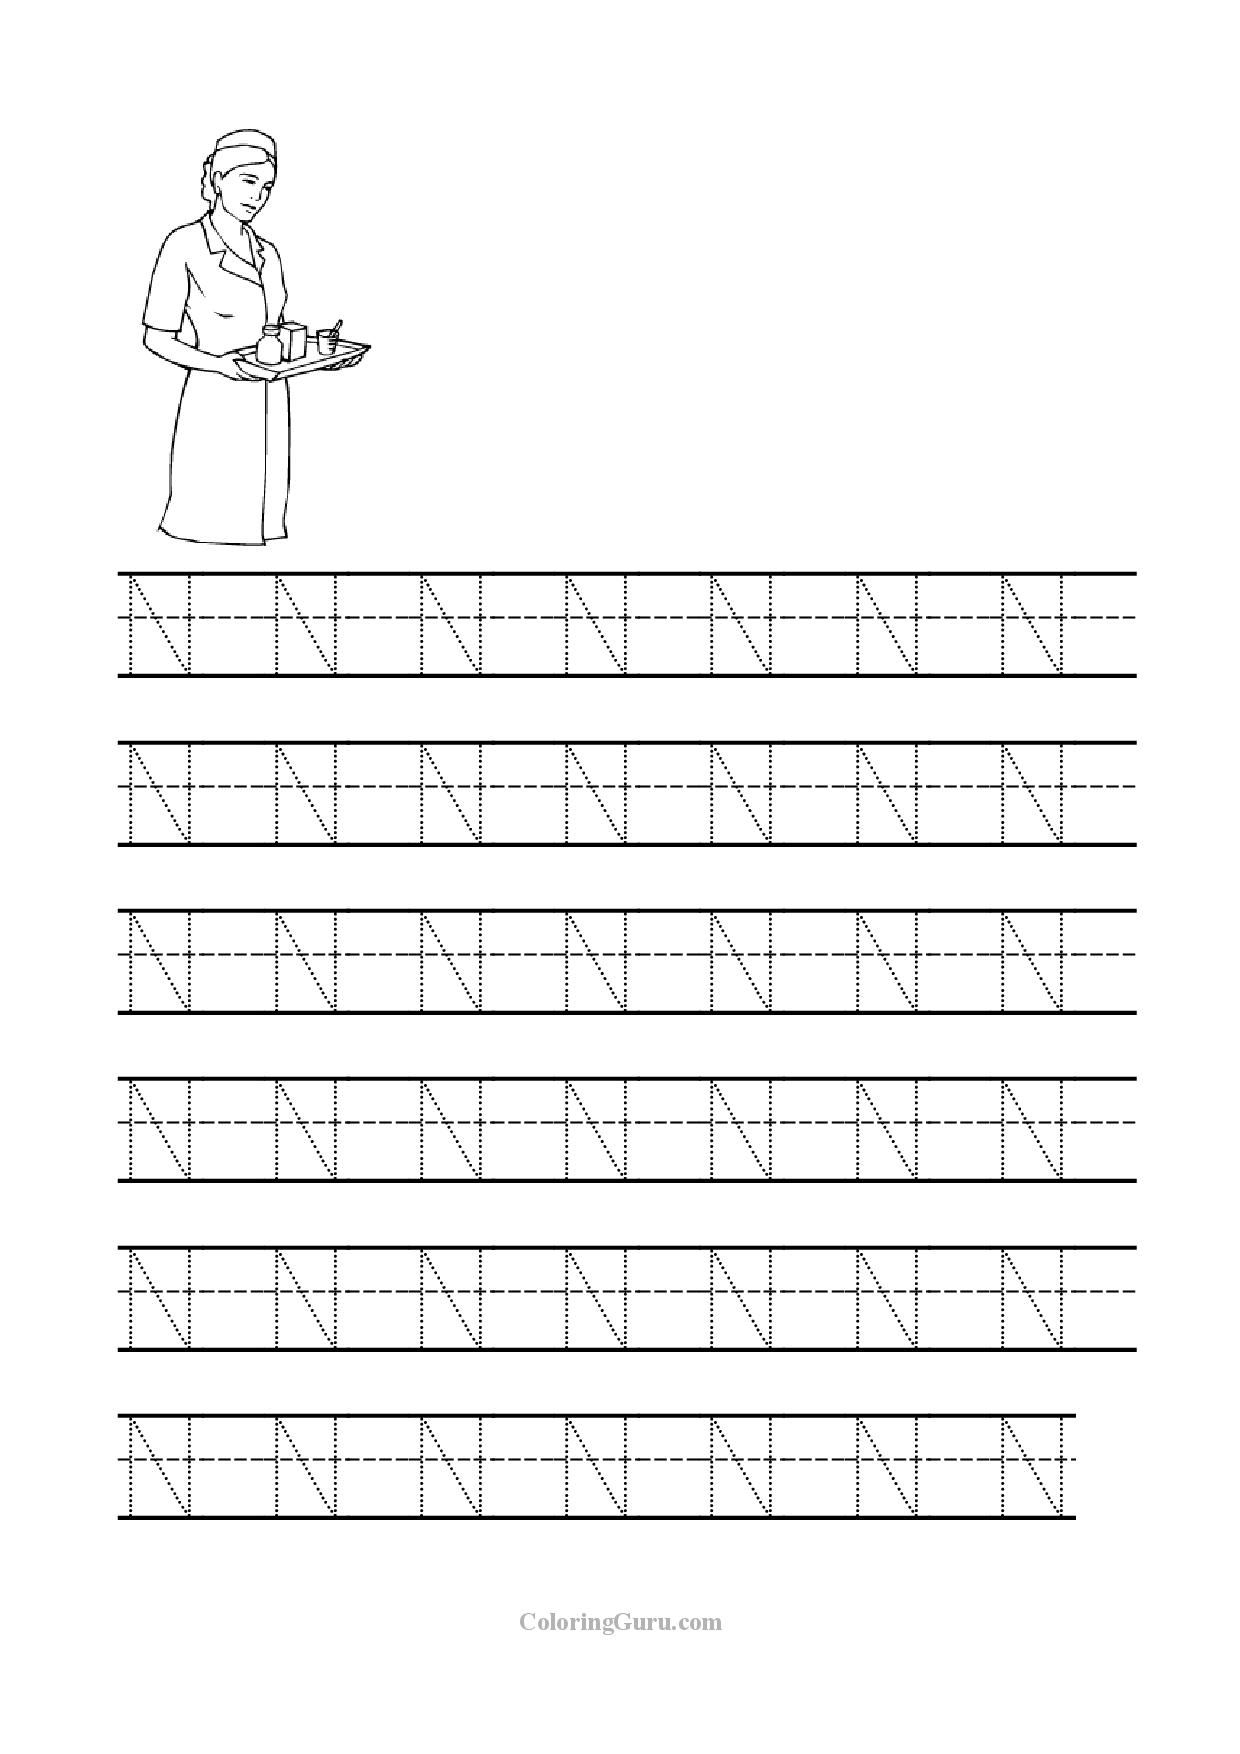 Letter N Tracing Worksheet